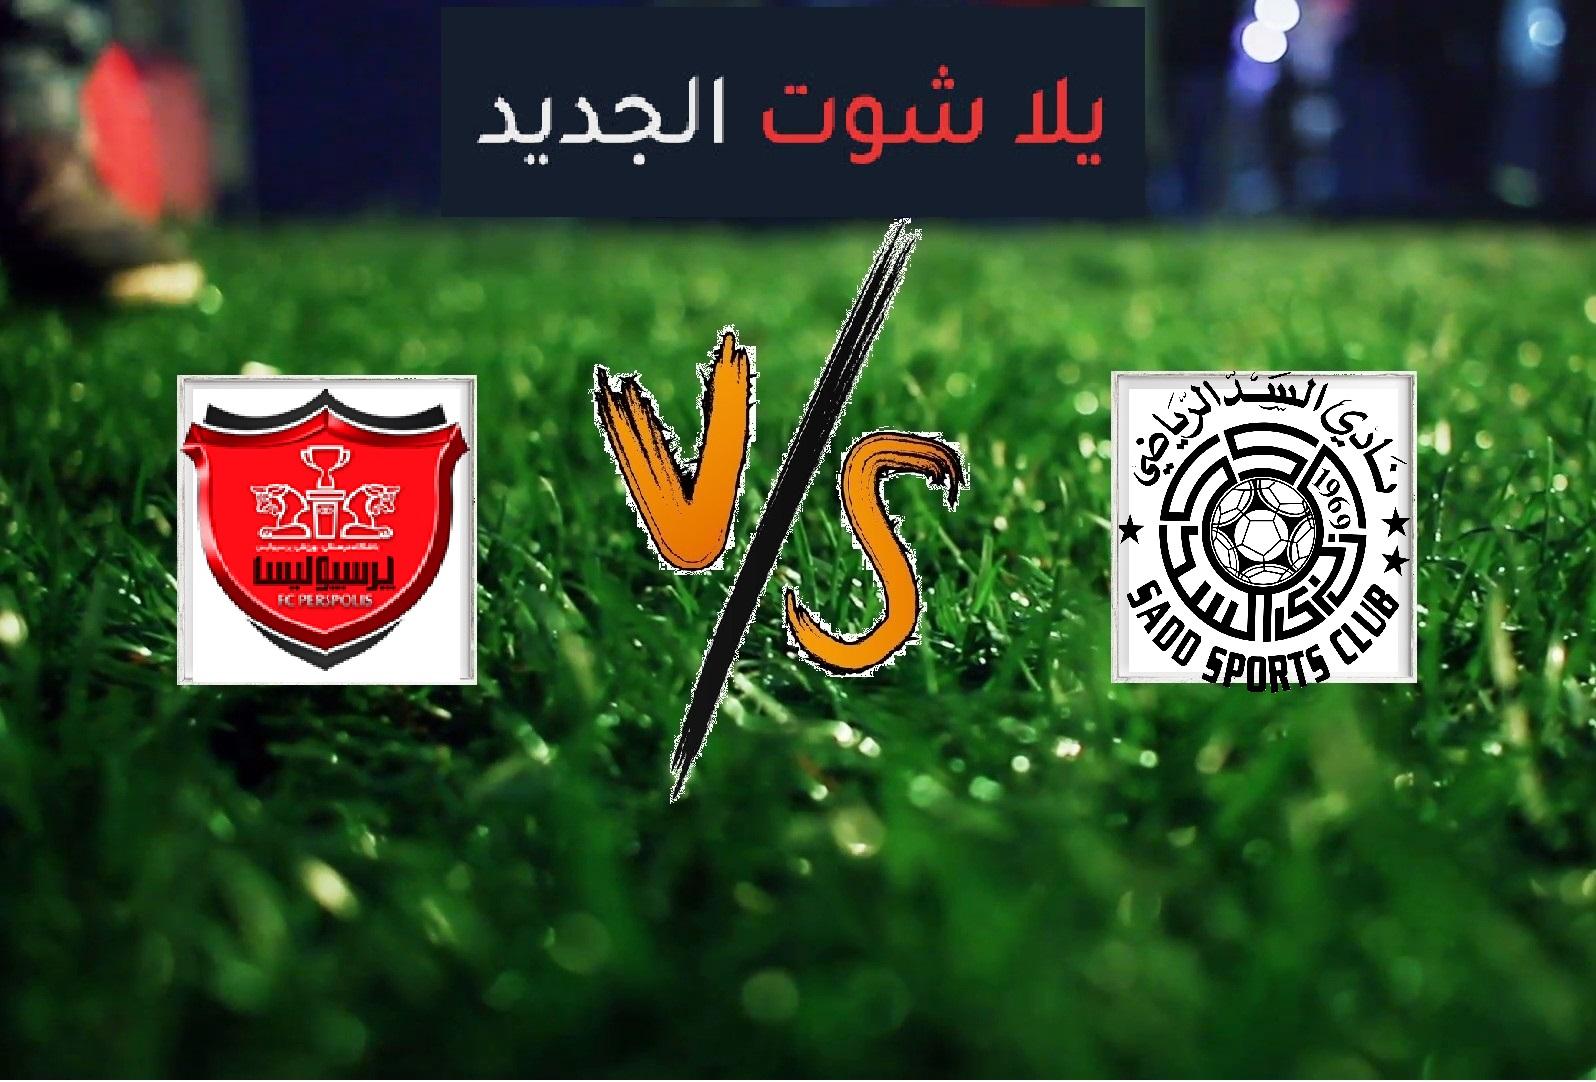 ملخص مباراة بيرسبوليس والسد القطري اليوم الاثنين بتاريخ 20-05-2019 دوري أبطال آسيا